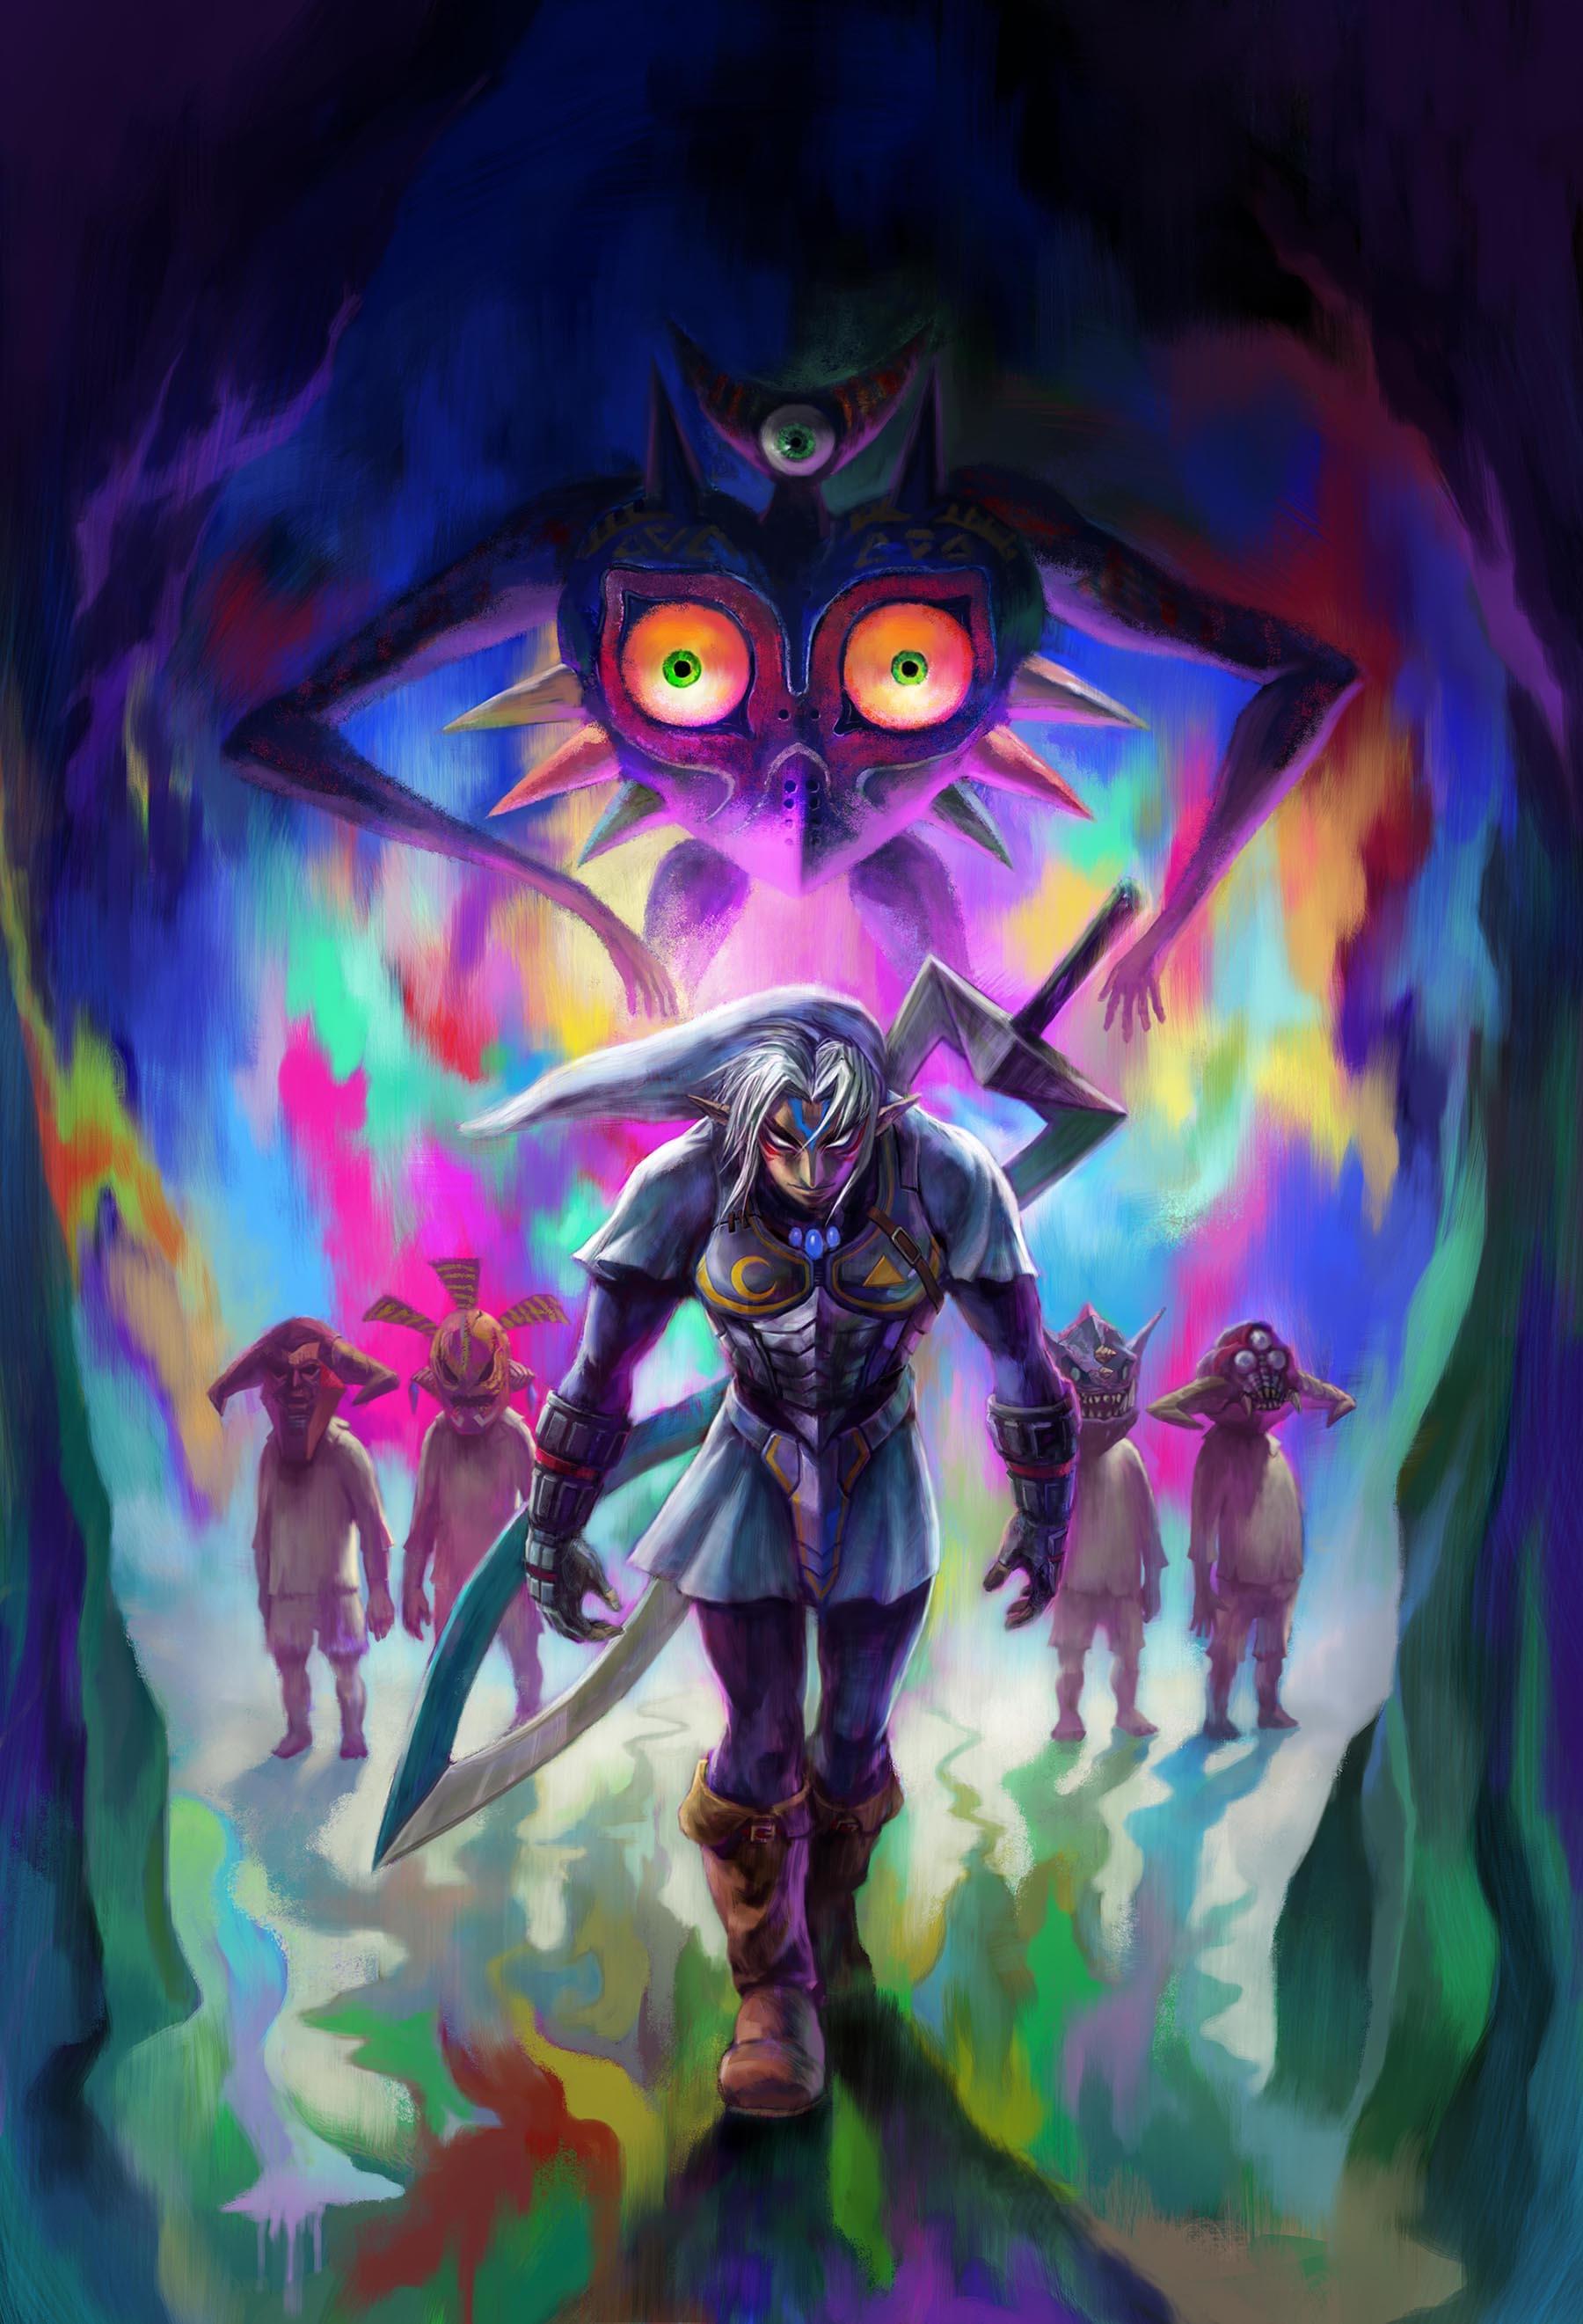 Confira novo trailer e imagens de The Legend of Zelda: Majora's Mask 3D